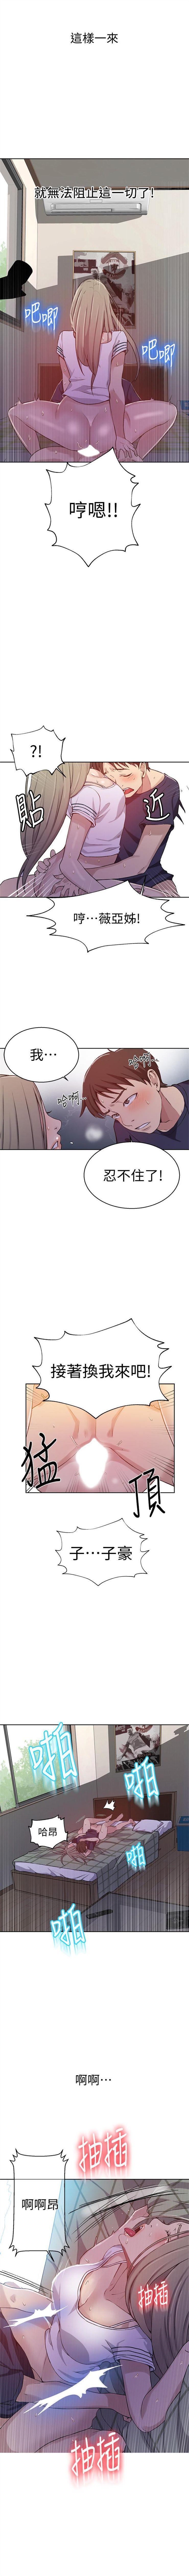 秘密教學  1-55 官方中文(連載中) 204